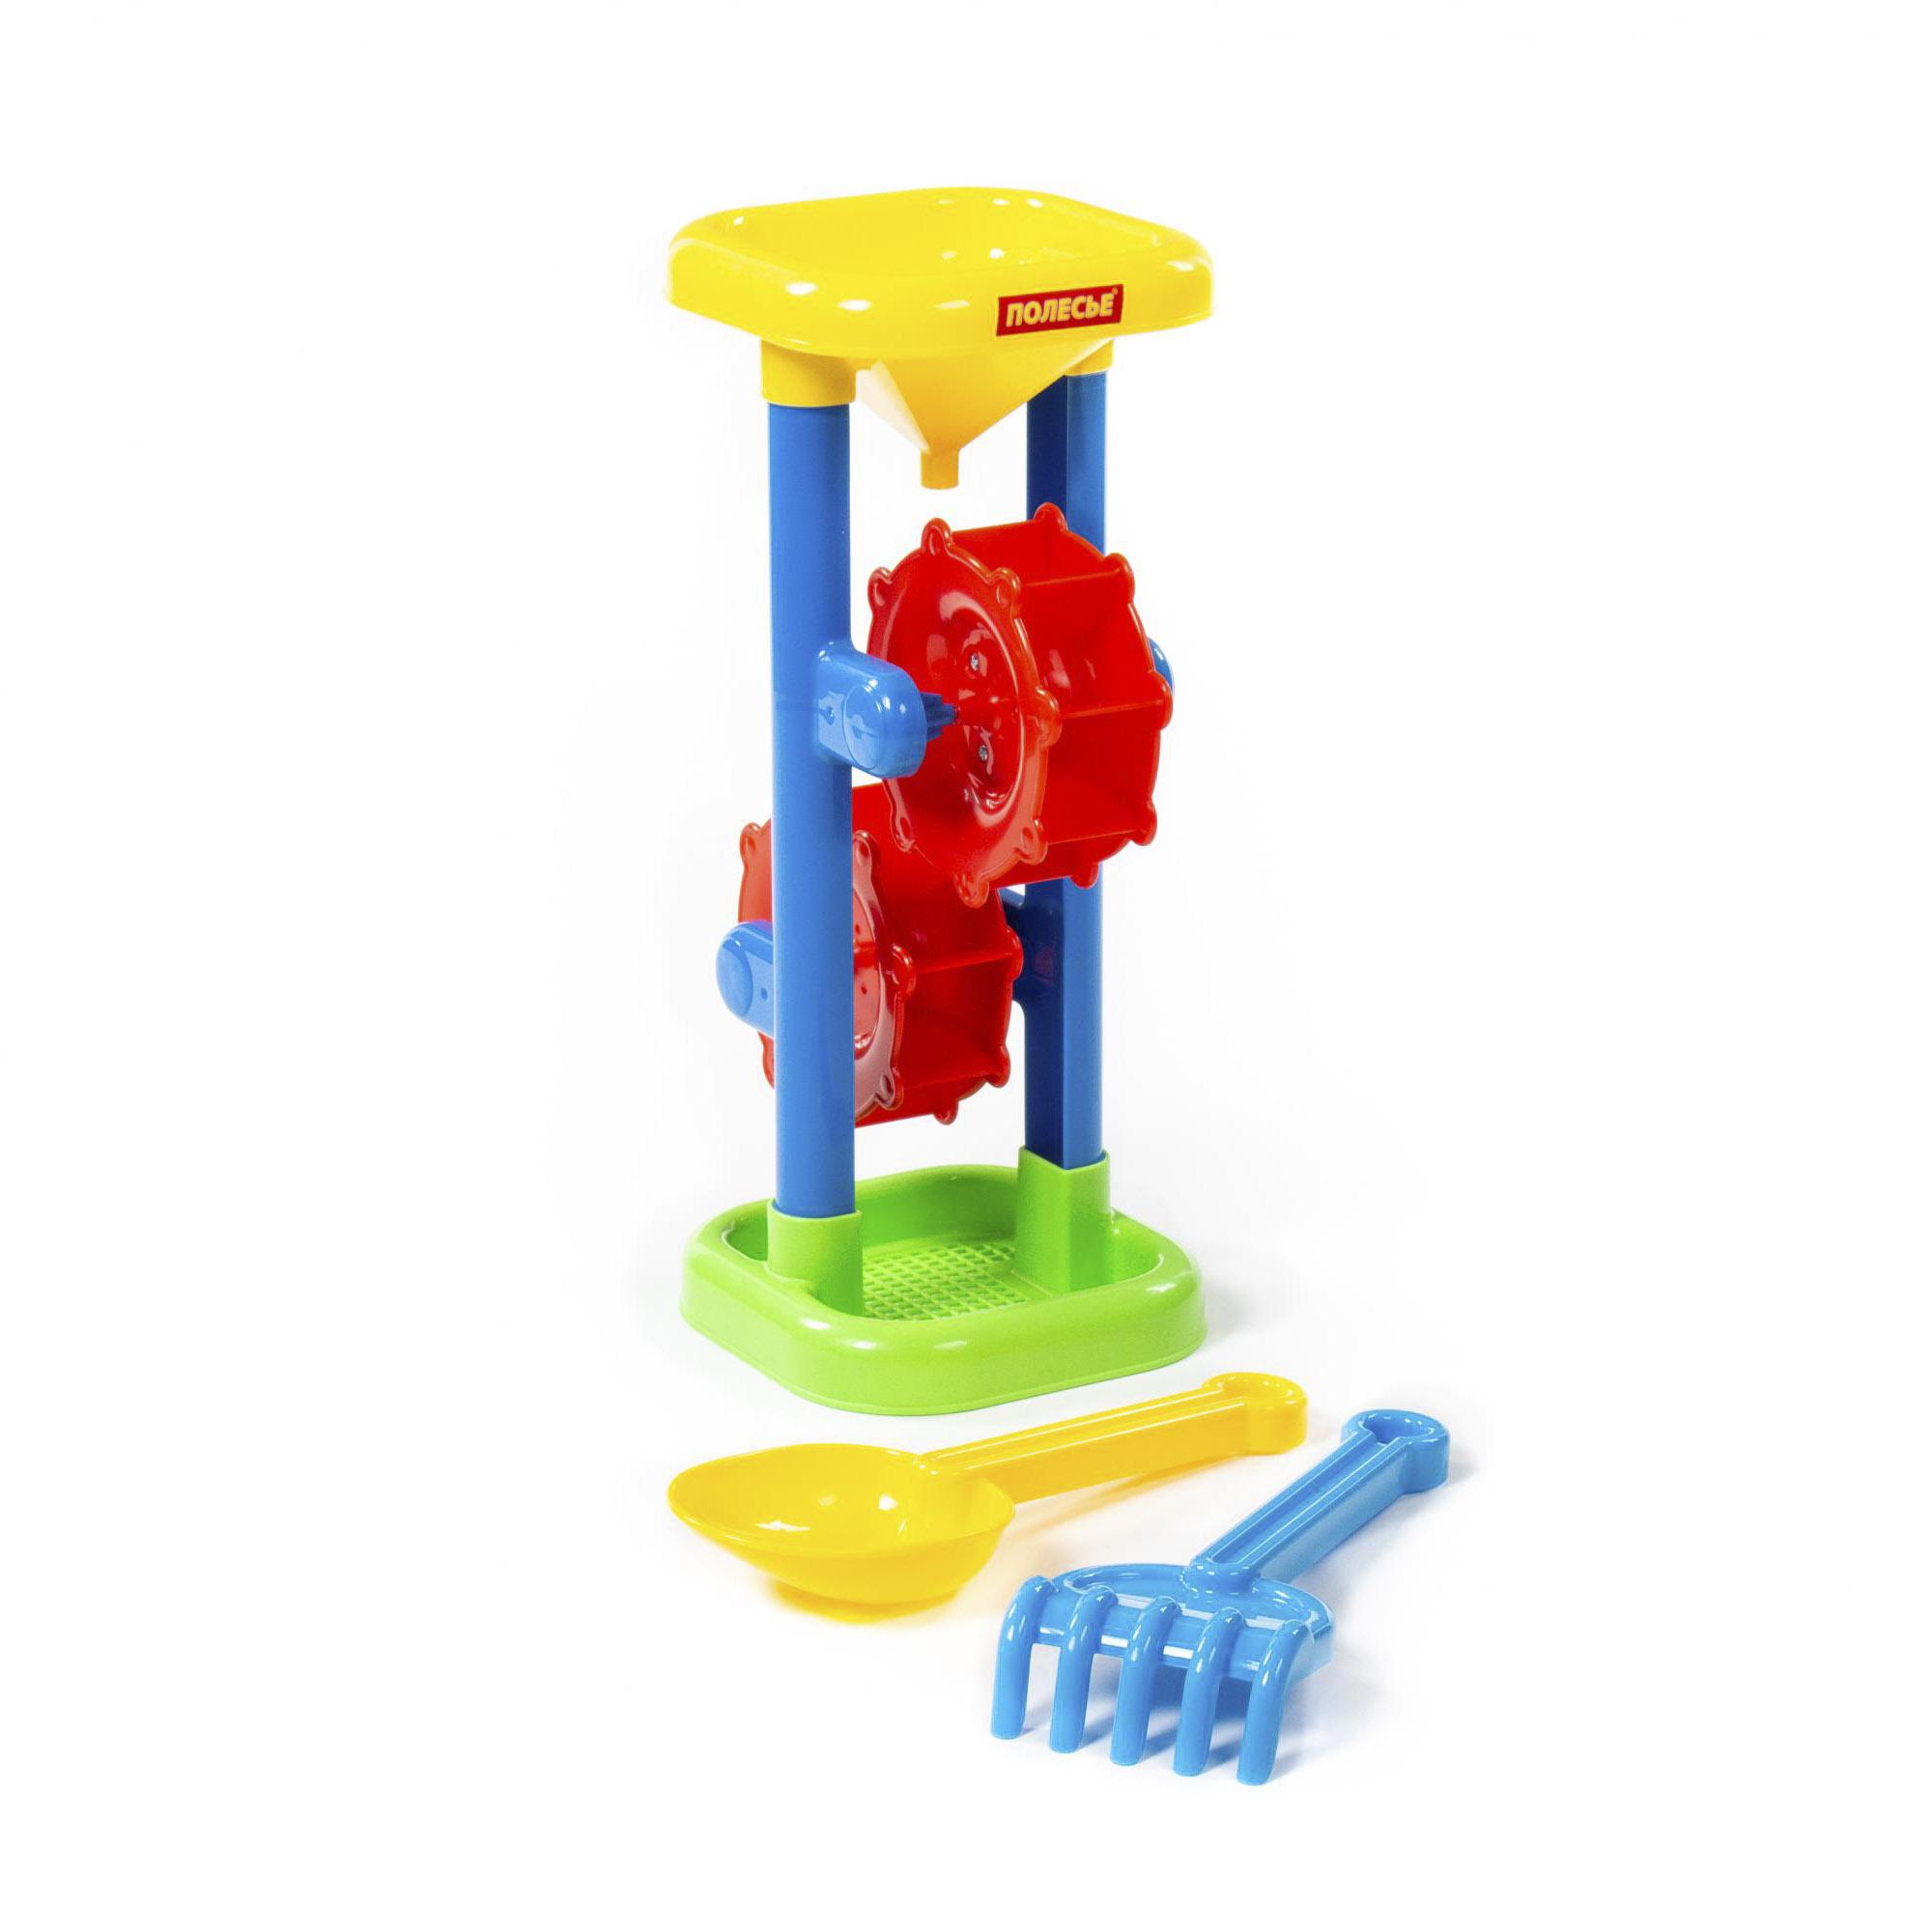 Набор для игры с песком Полесье №282 ролевые игры полесье игровой набор весы